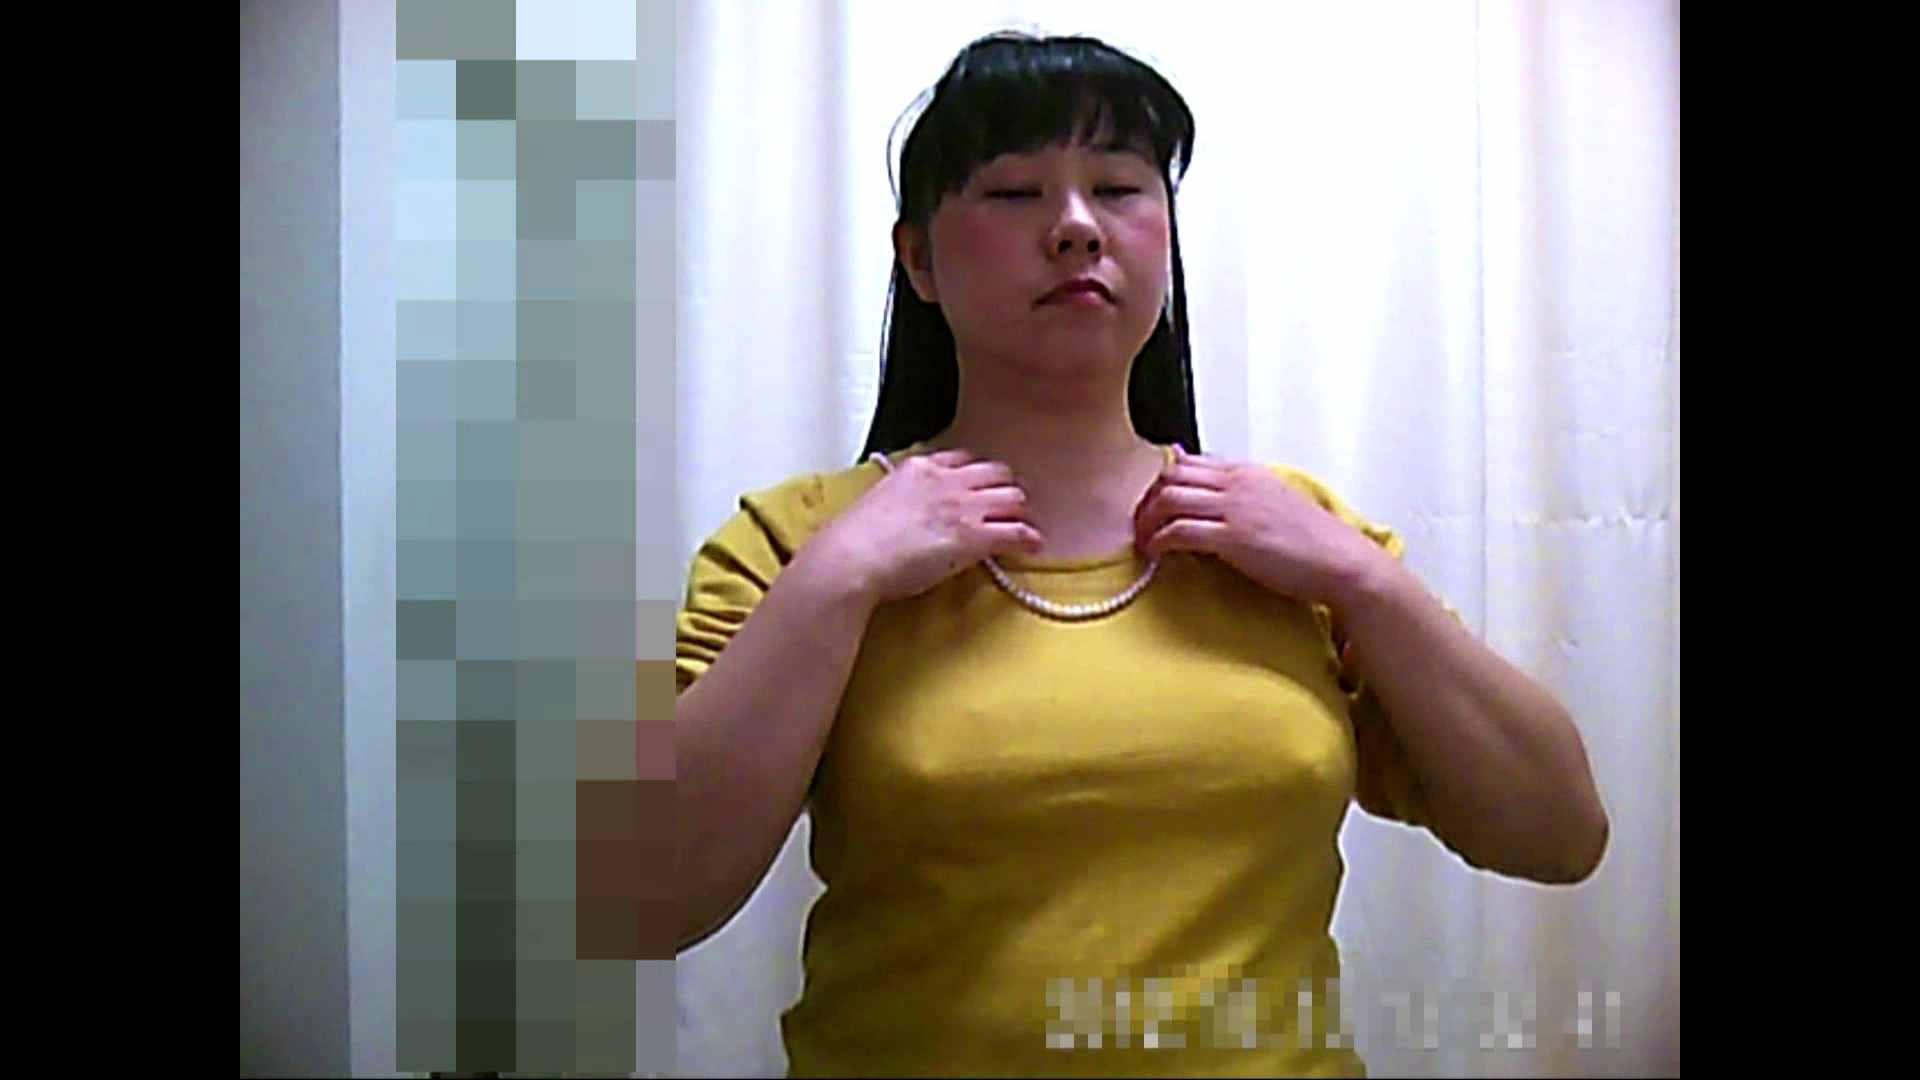 病院おもいっきり着替え! vol.237 OLヌード天国 盗撮動画紹介 71PIX 37